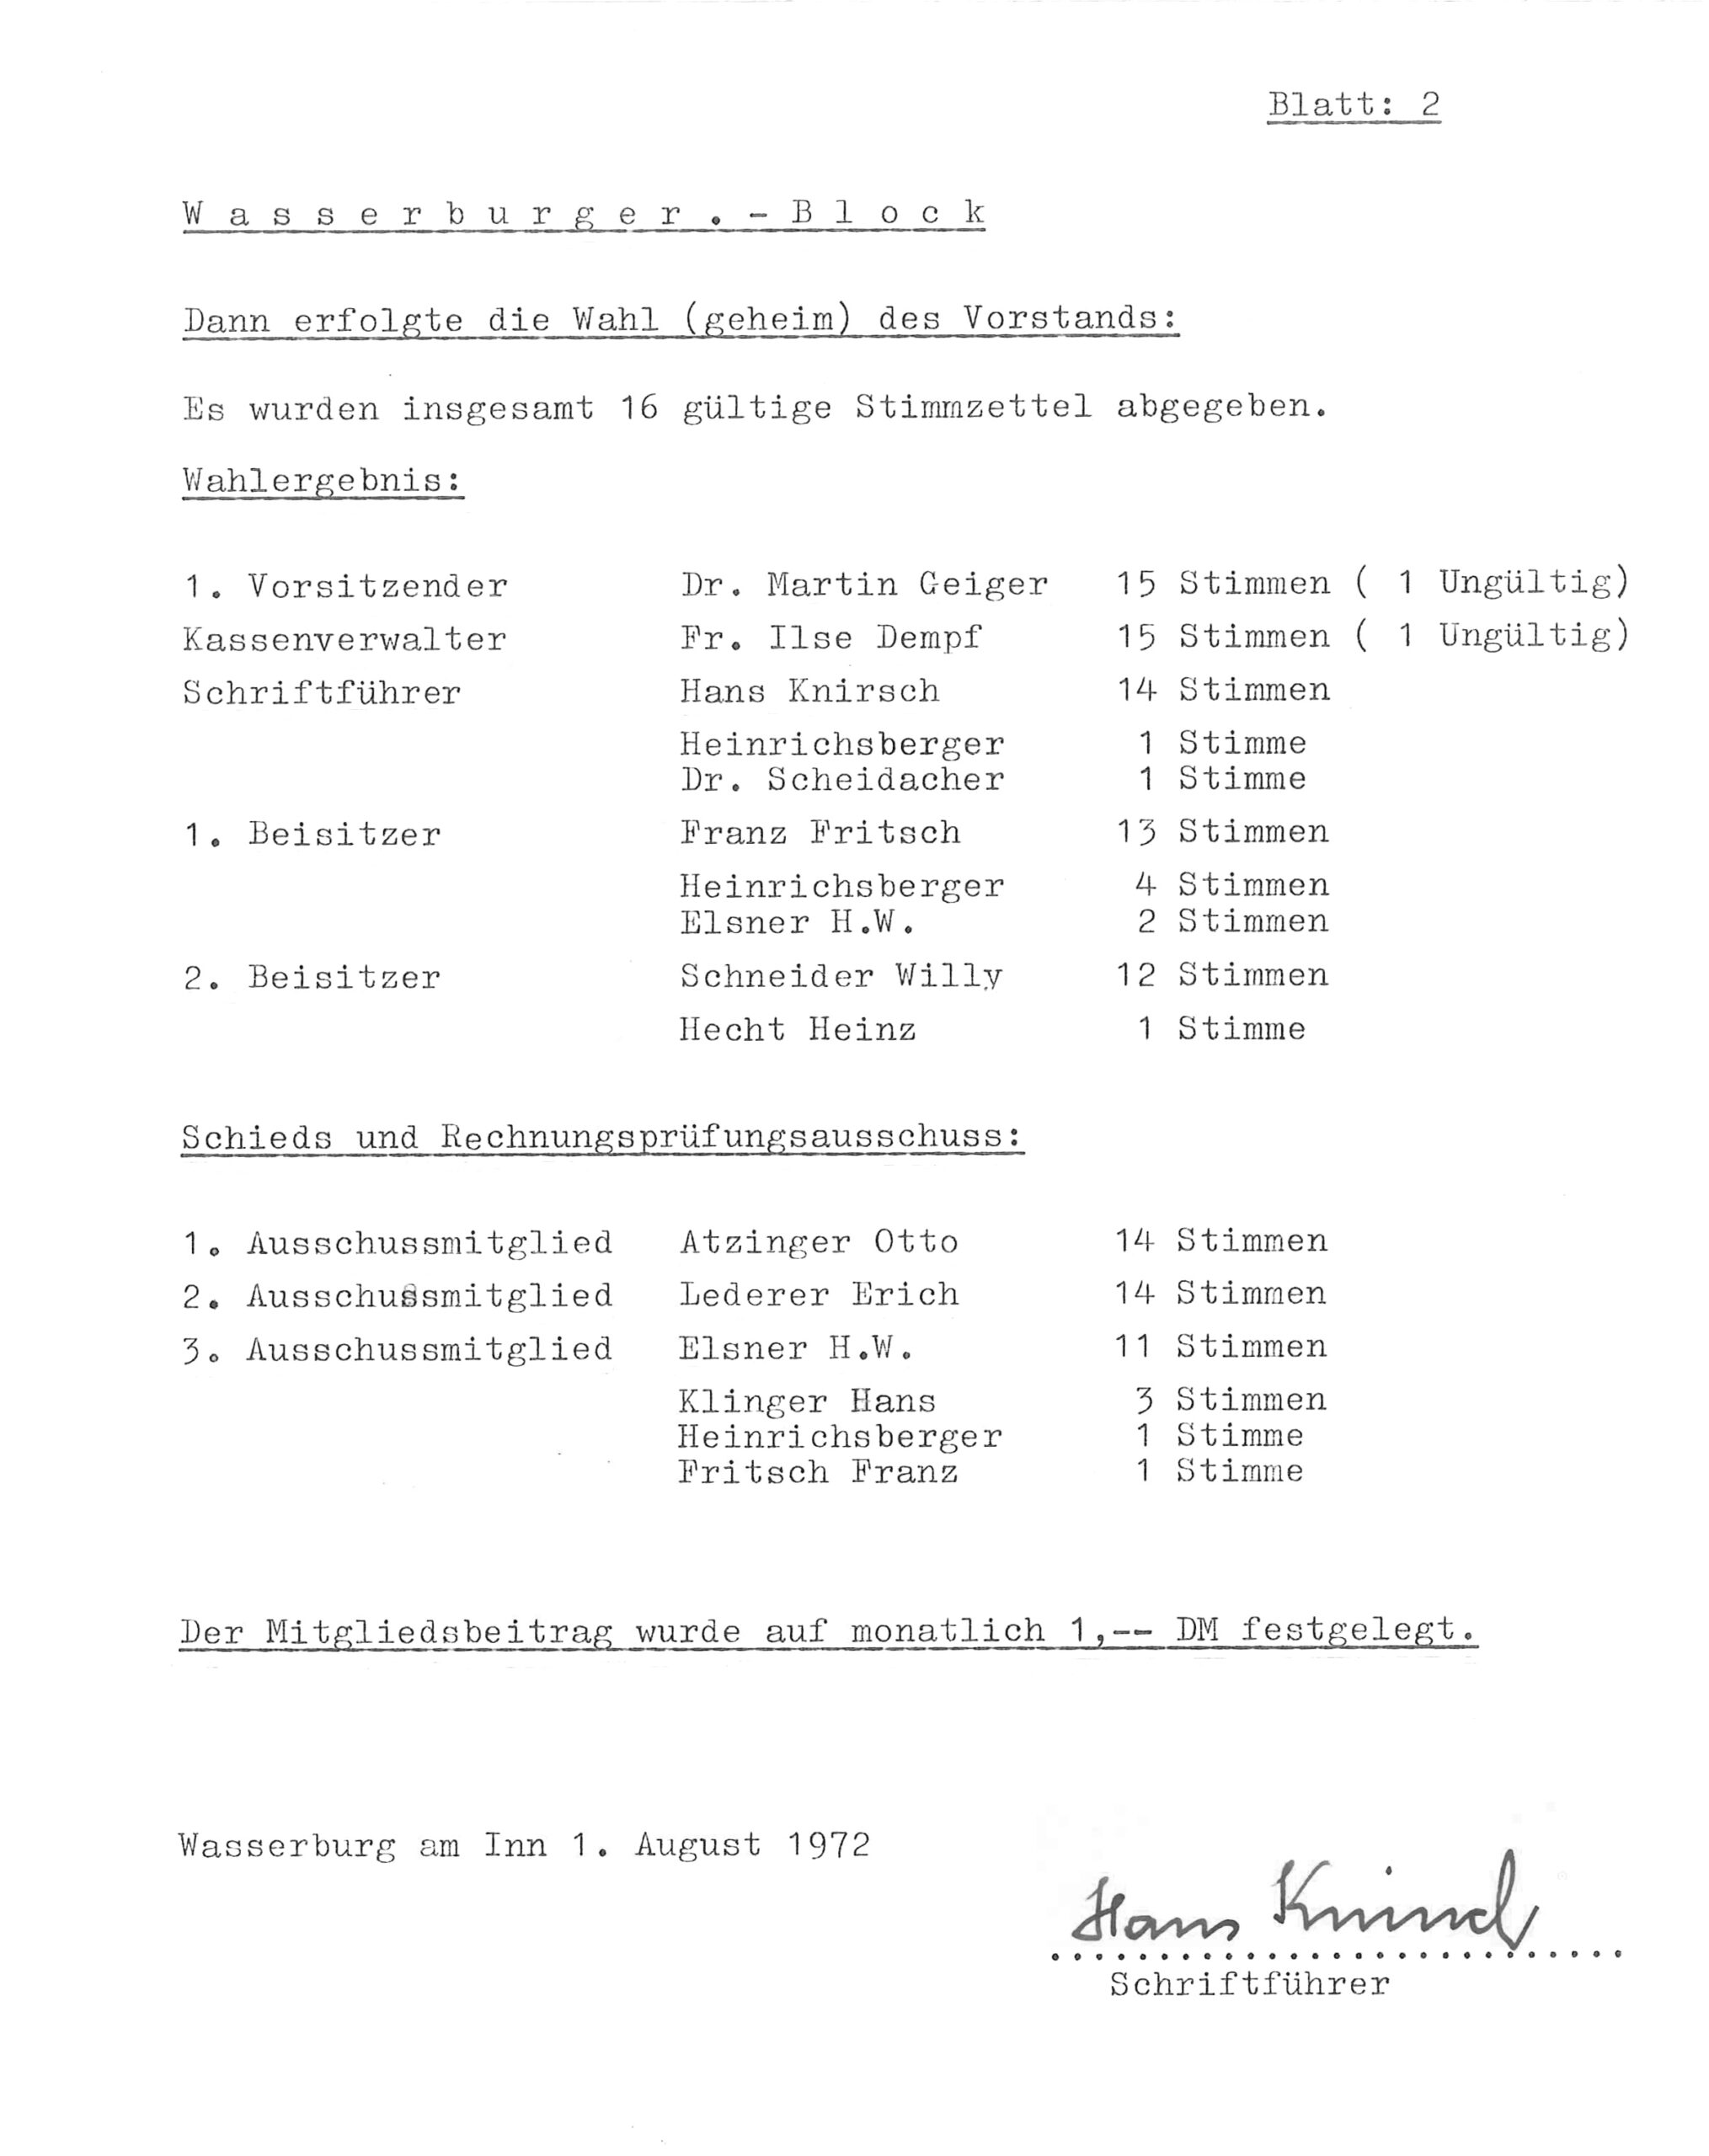 Wahlergebnis des Vorstands, 1972